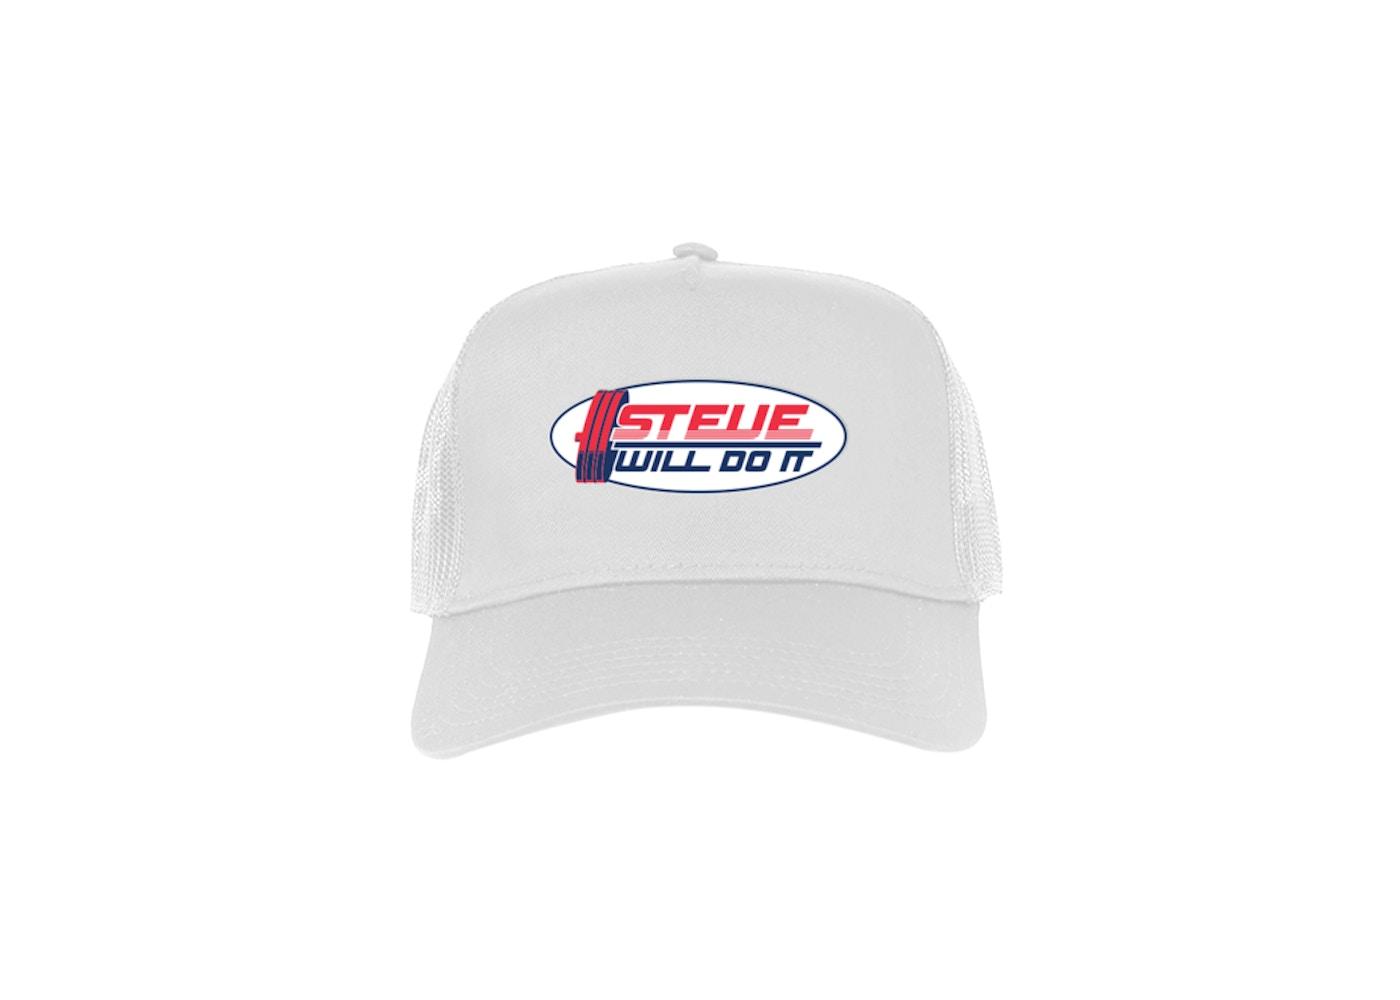 Full Send Stevewilldoit Power Hat White Fw20 Official facebook page of stevewilldoit. full send stevewilldoit power hat white